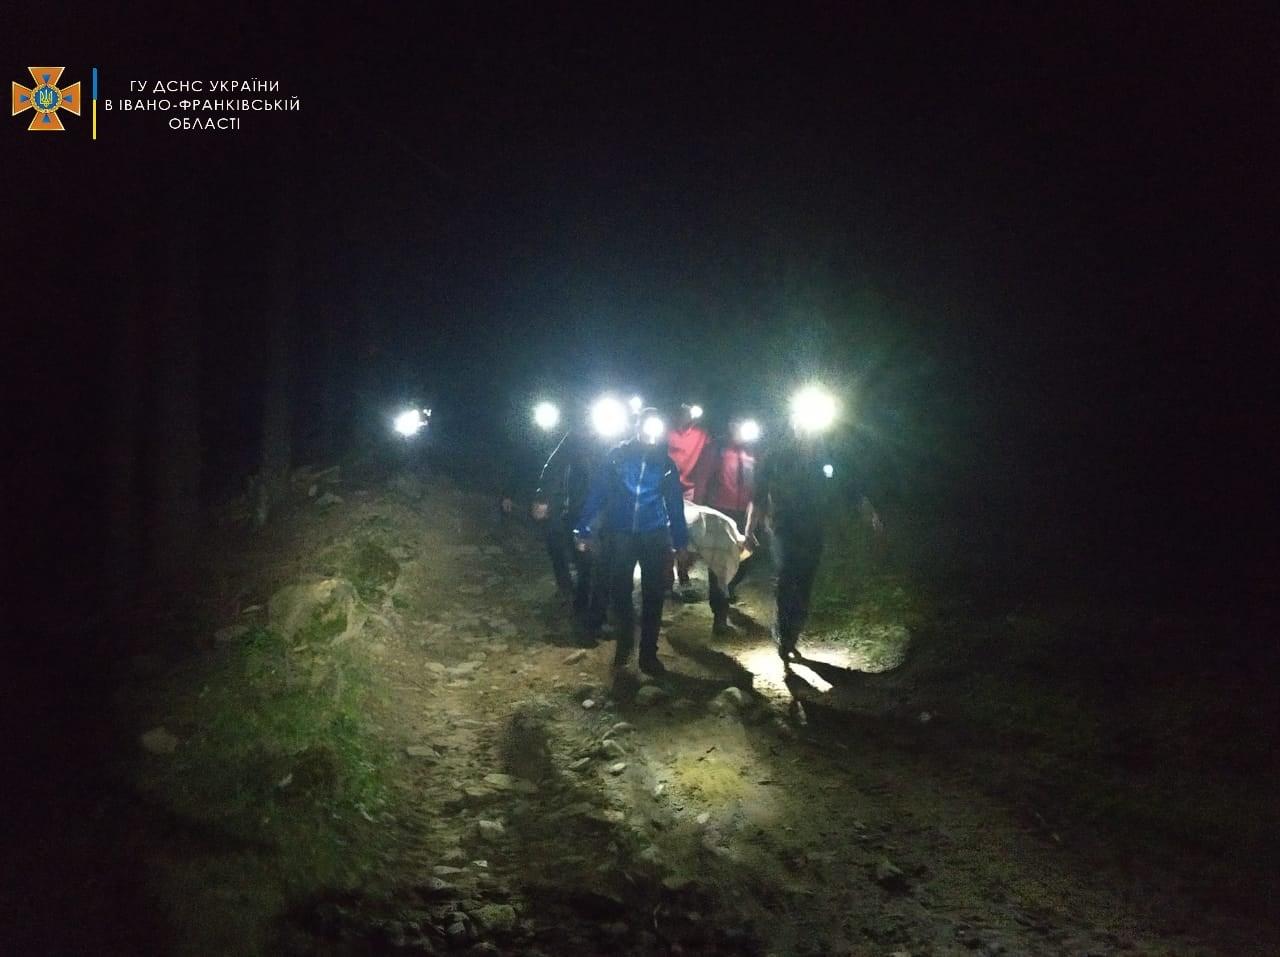 Вночі на карпатській полонині стався вибух: двоє осіб загинули, четверо отримали травми (ФОТО)